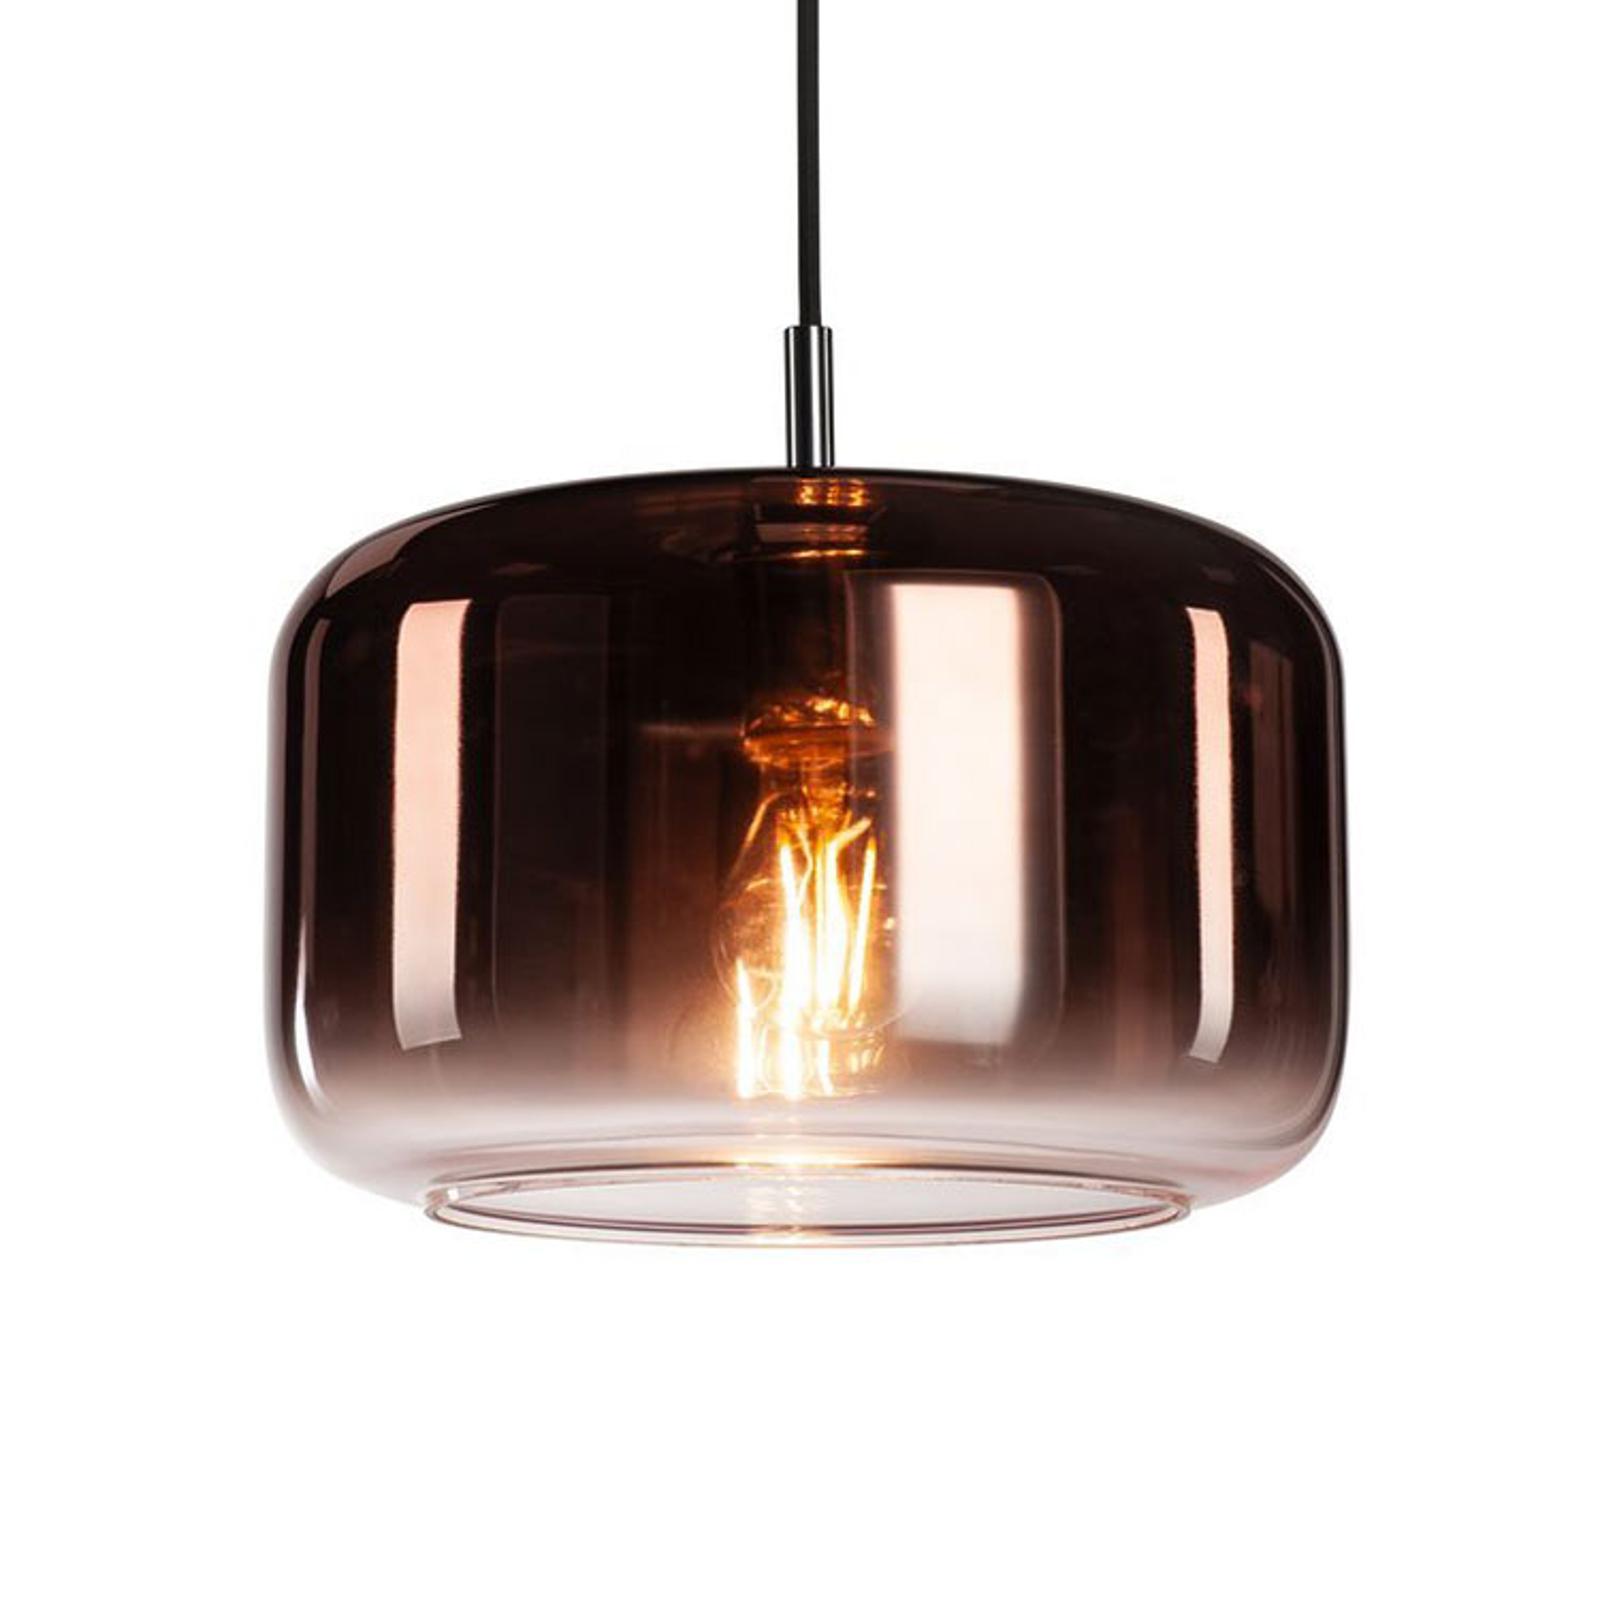 SLV Pantilo 28 lampa wisząca, Ø 28 cm, miedź